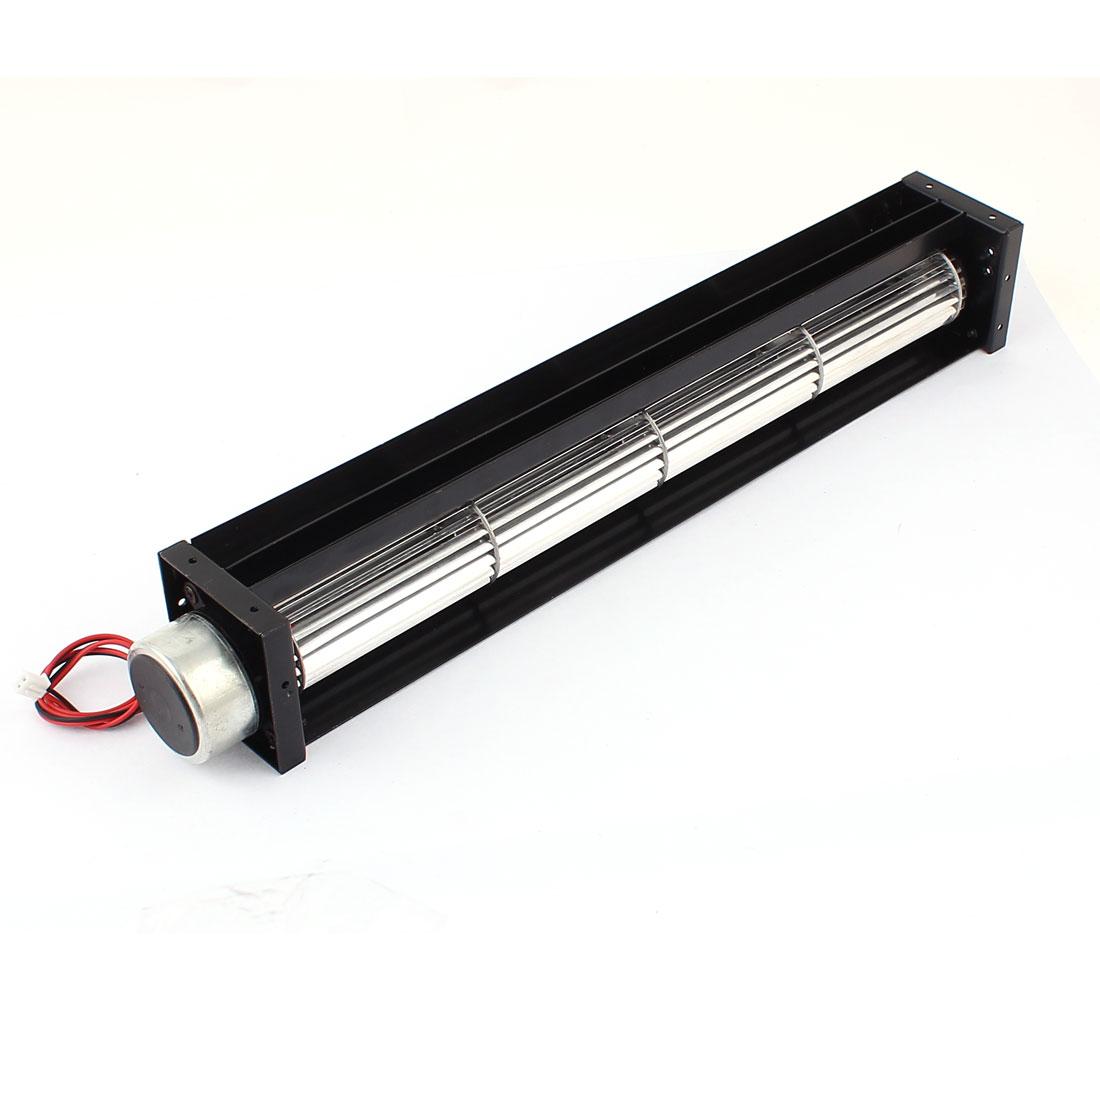 DC 12V 0.25A 3W Cross Flow Cooling Fan Heat Exchanger Amplifier Cool Turbo